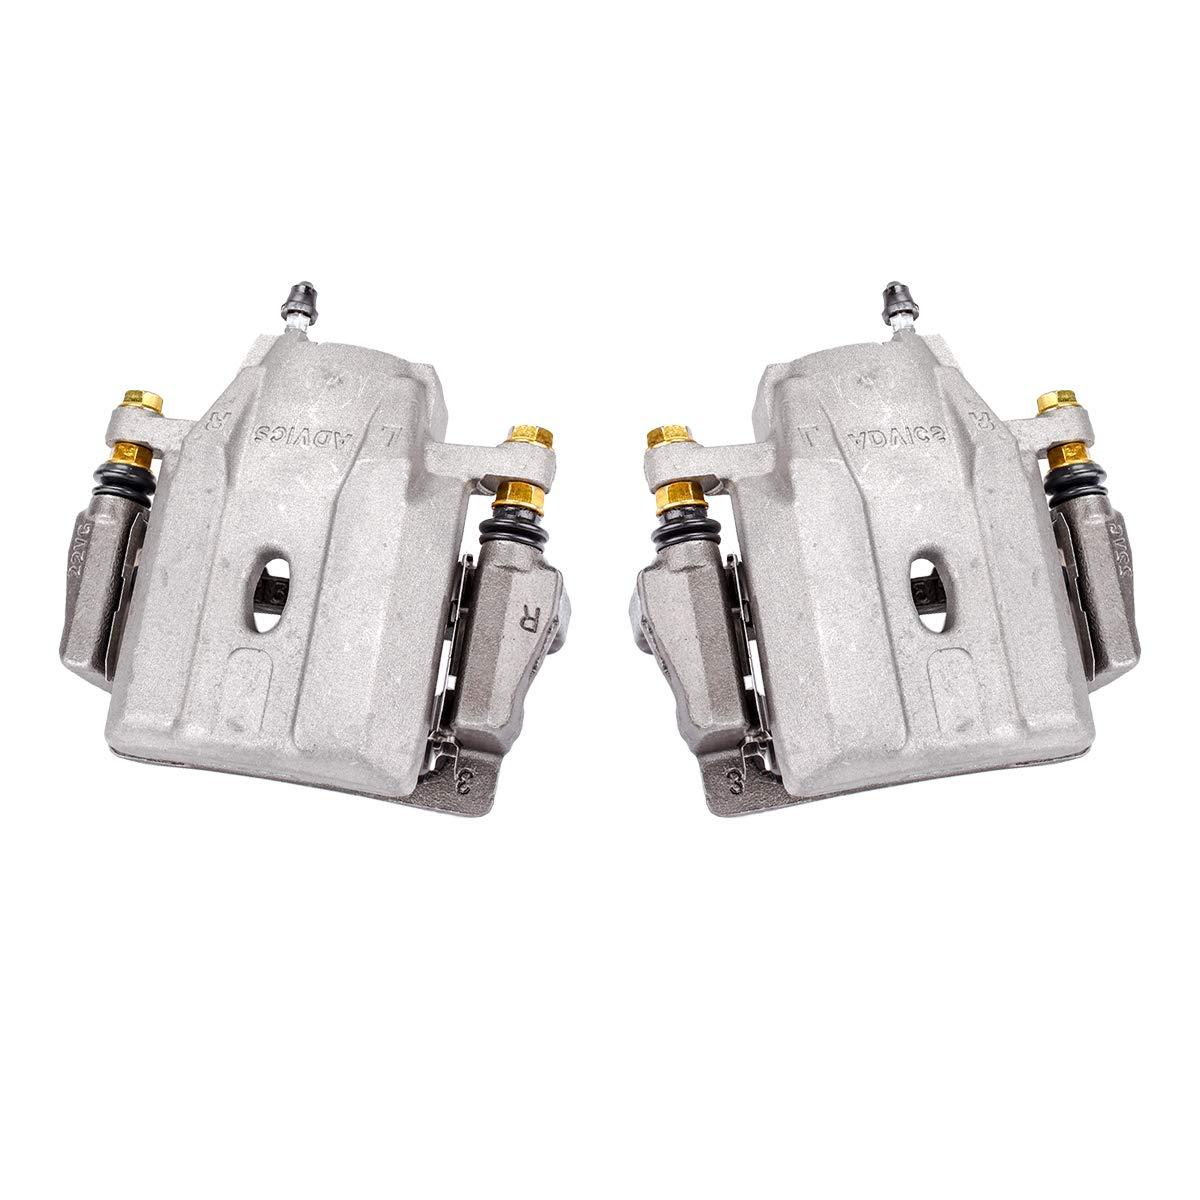 Callahan CCK04555 [2] FRONT Premium Semi-Loaded Original Brake Caliper Pair + Hardware [ 2004-2009 Toyota Prius ]